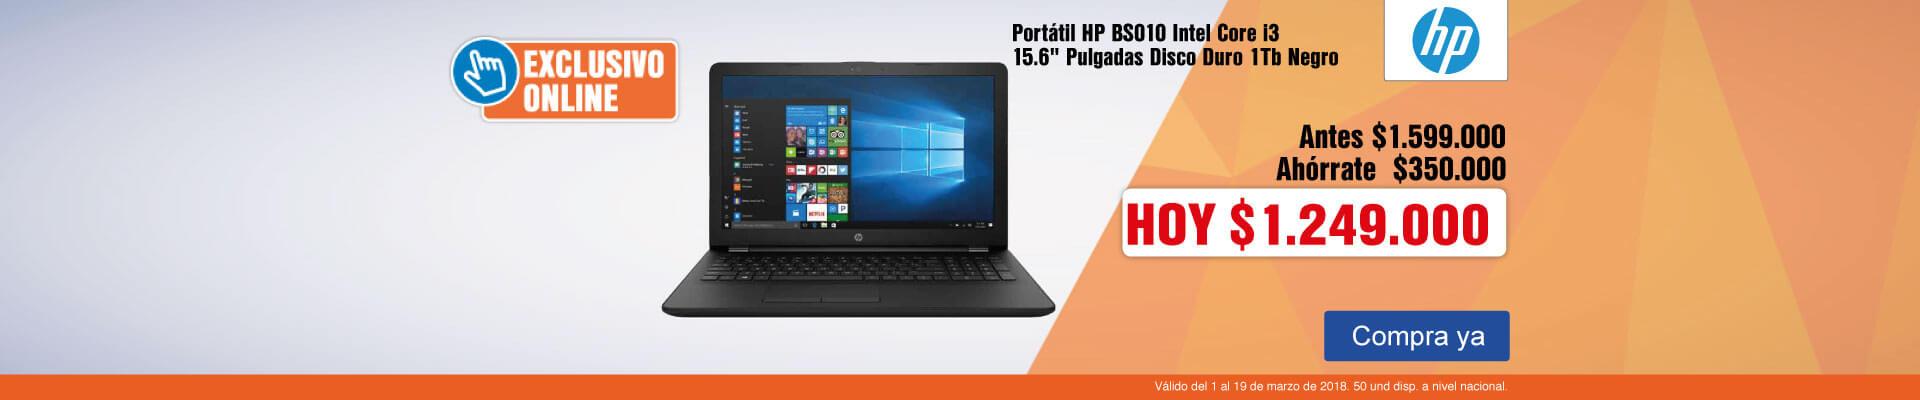 PPAL AK-3-computadores-Portátil HP BS010 Intel Core i3 15.6